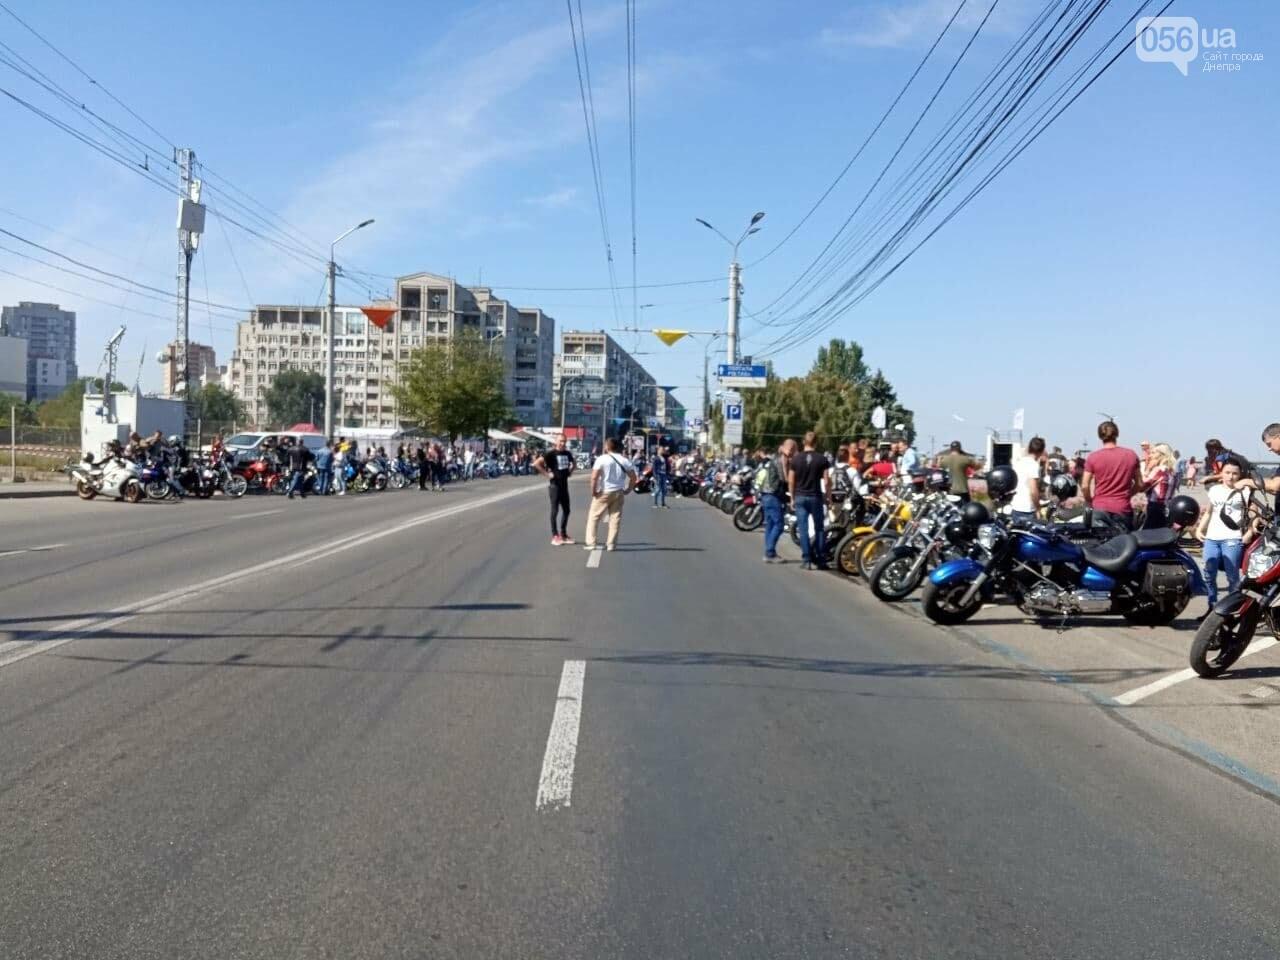 В Днепре байкеры сезон закрыли, но мотоциклы в гараж не поставили, - ФОТО, ВИДЕО, фото-3